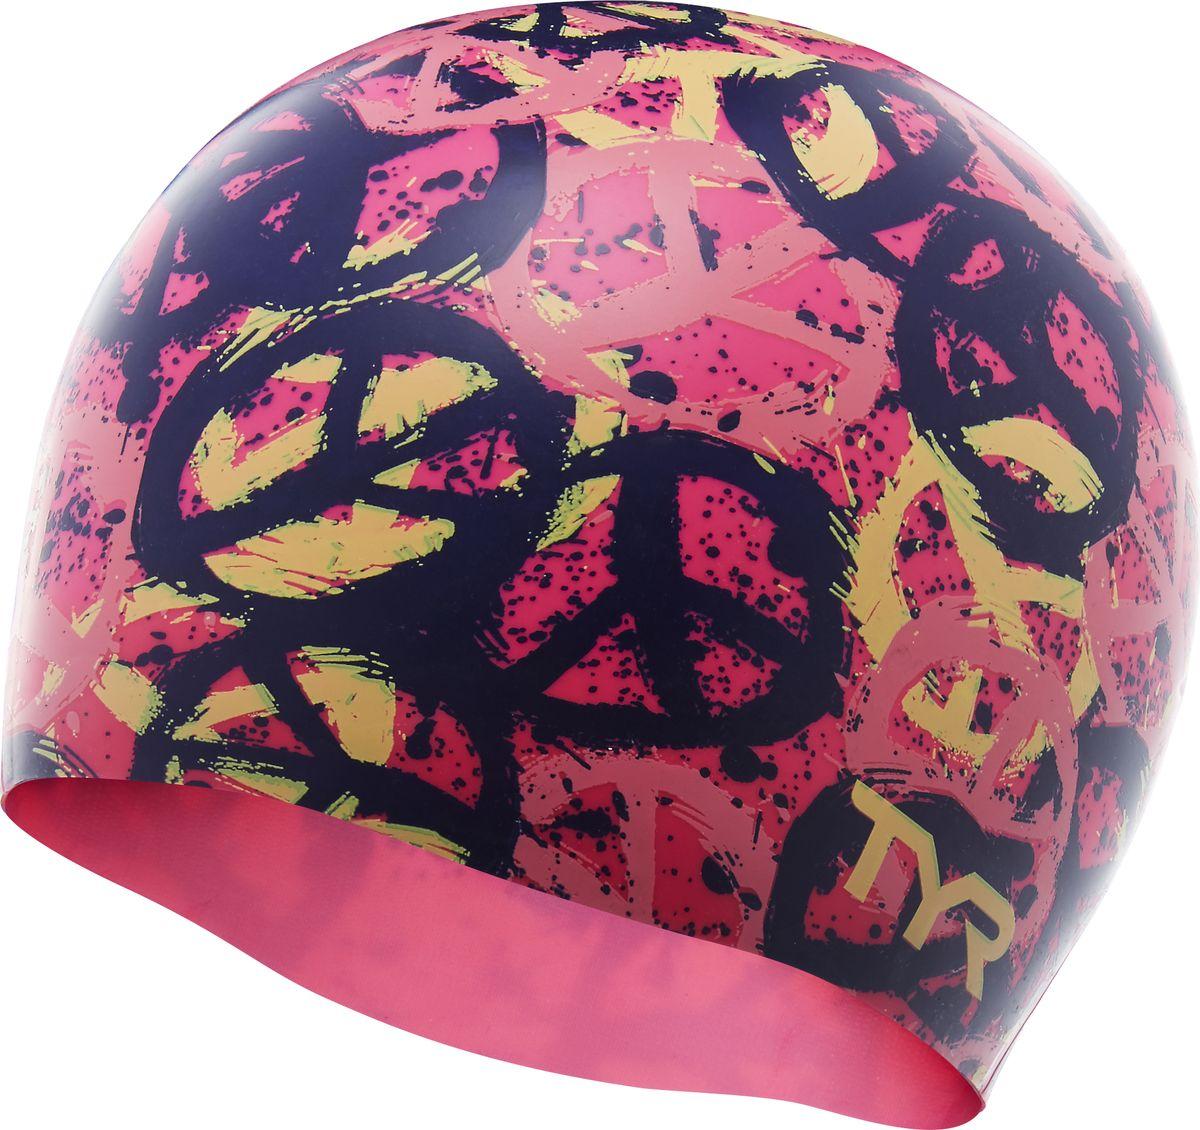 Шапочка для плавания Tyr PEACE SWIM CAP, цвет: розовый. LCSPCELCSPCEСиликоновая шапочка TYR с принтом – изготовлена из высококачественного материала устойчивого к воздействию хлорированной воды, что гарантирует долгий срок службы. Материал шапочки не вызывает раздражения кожи и других аллергических реакций. Прекрасный вариант для тренировок в бассейне.